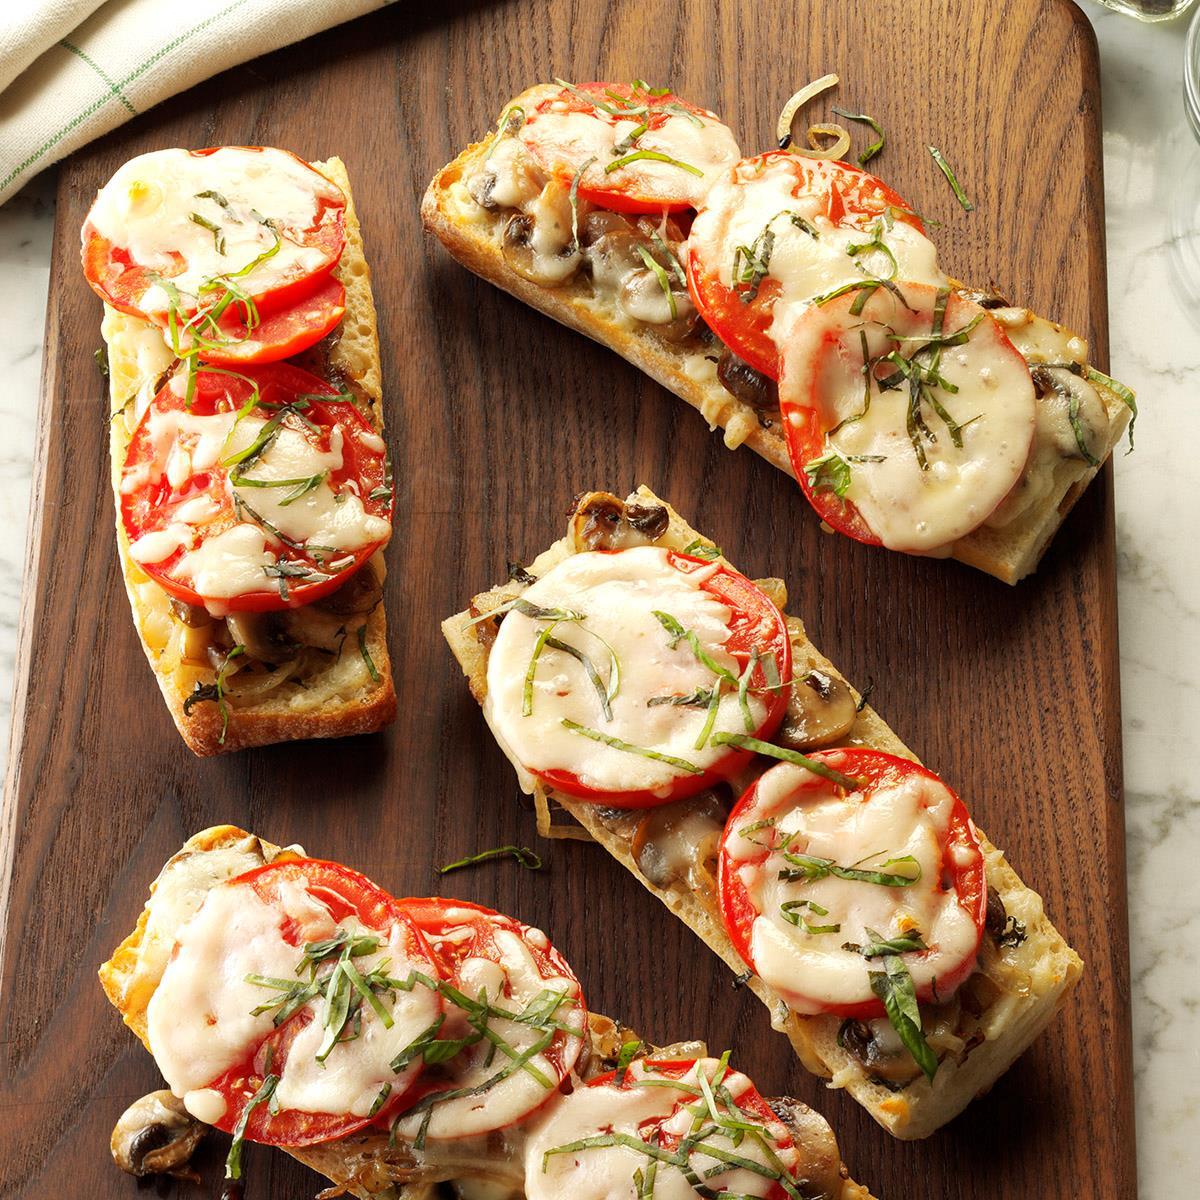 Resultado de imagen para baguette with cheese and tomato